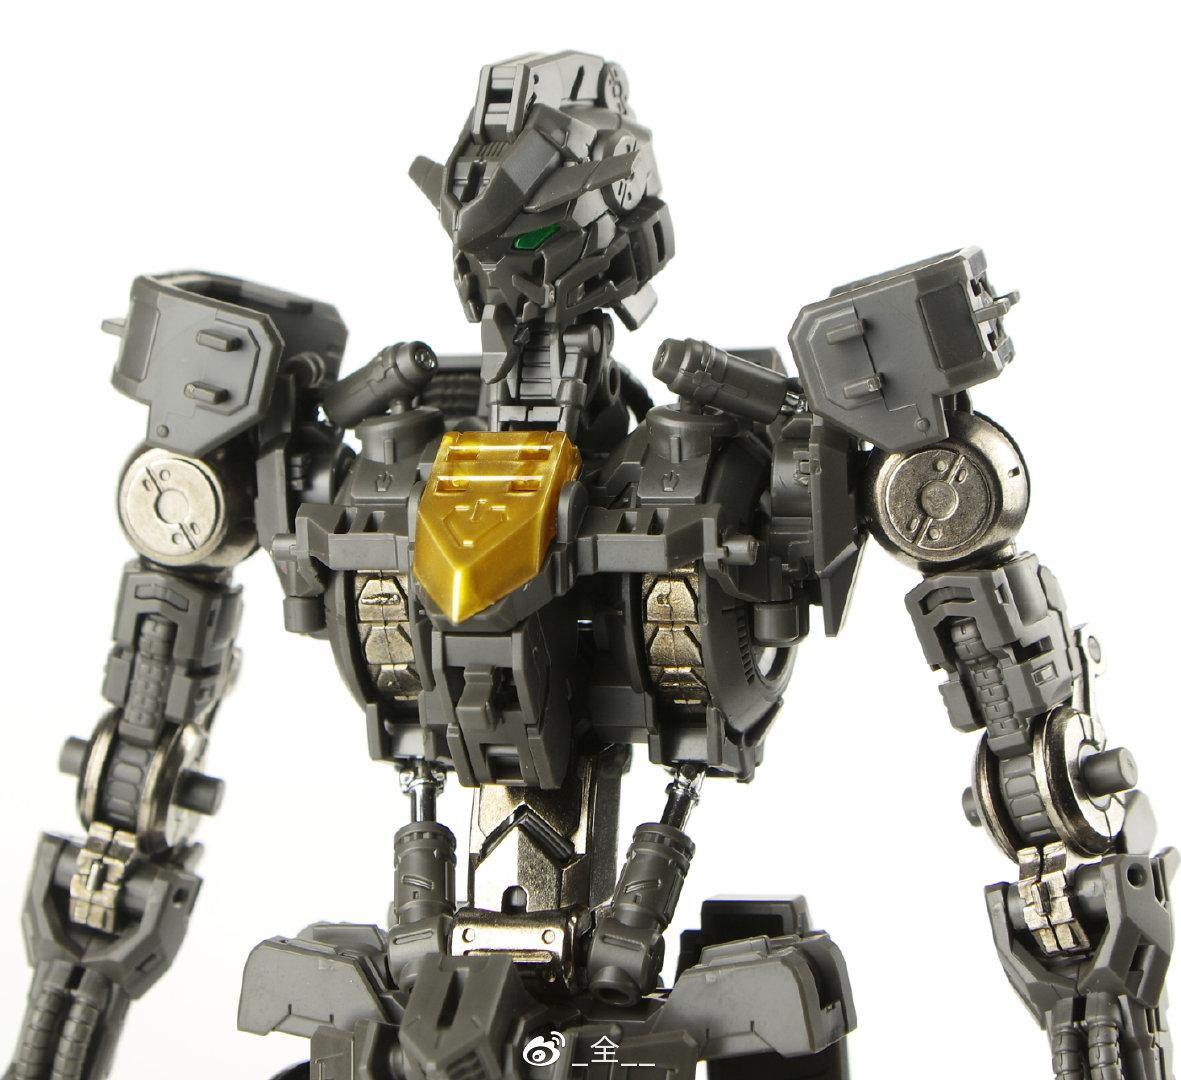 M103_mg_barbatos_metal_frame_parts_set_009_028.jpg